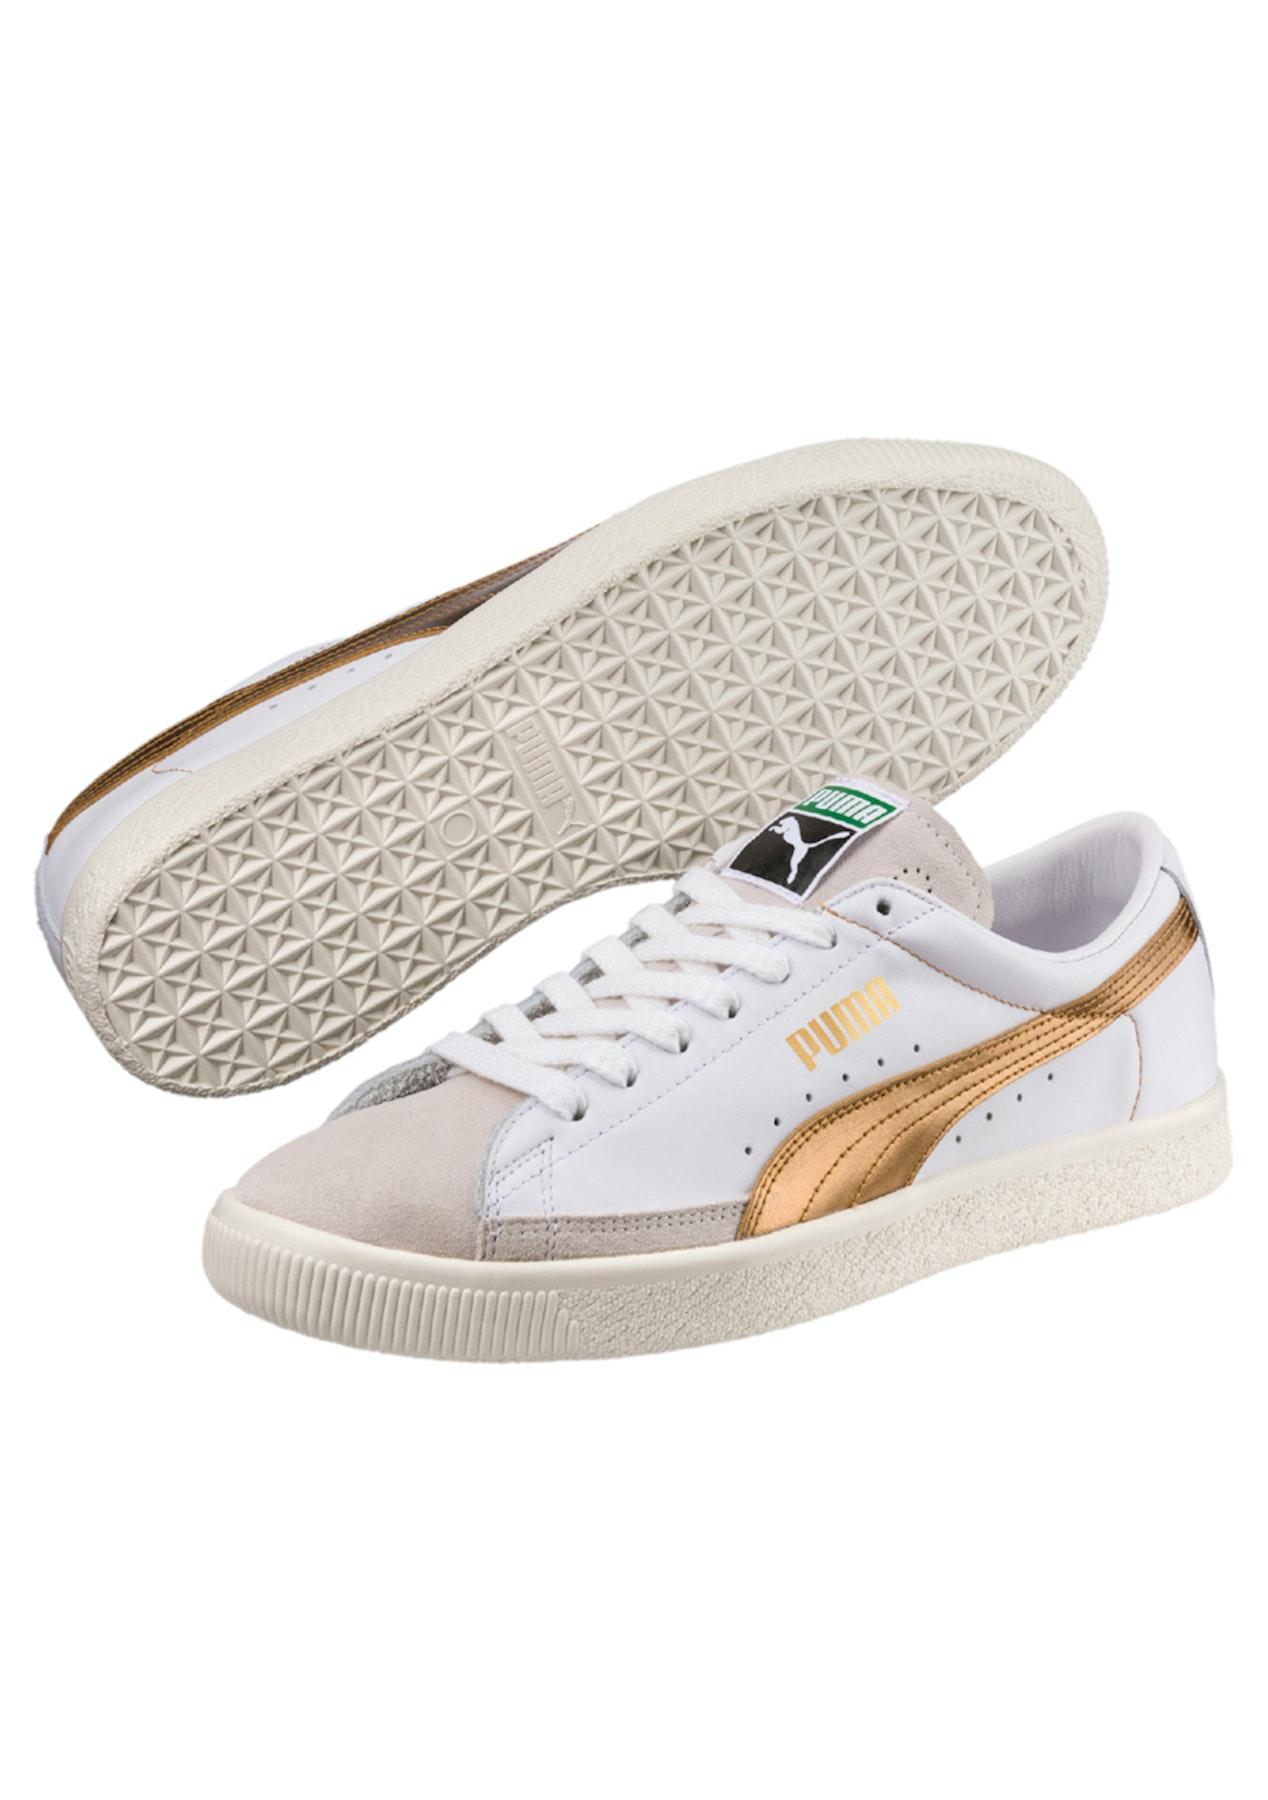 buy popular 937e1 0c982 Puma - Basket 90680 G White-Team Gold - Mens